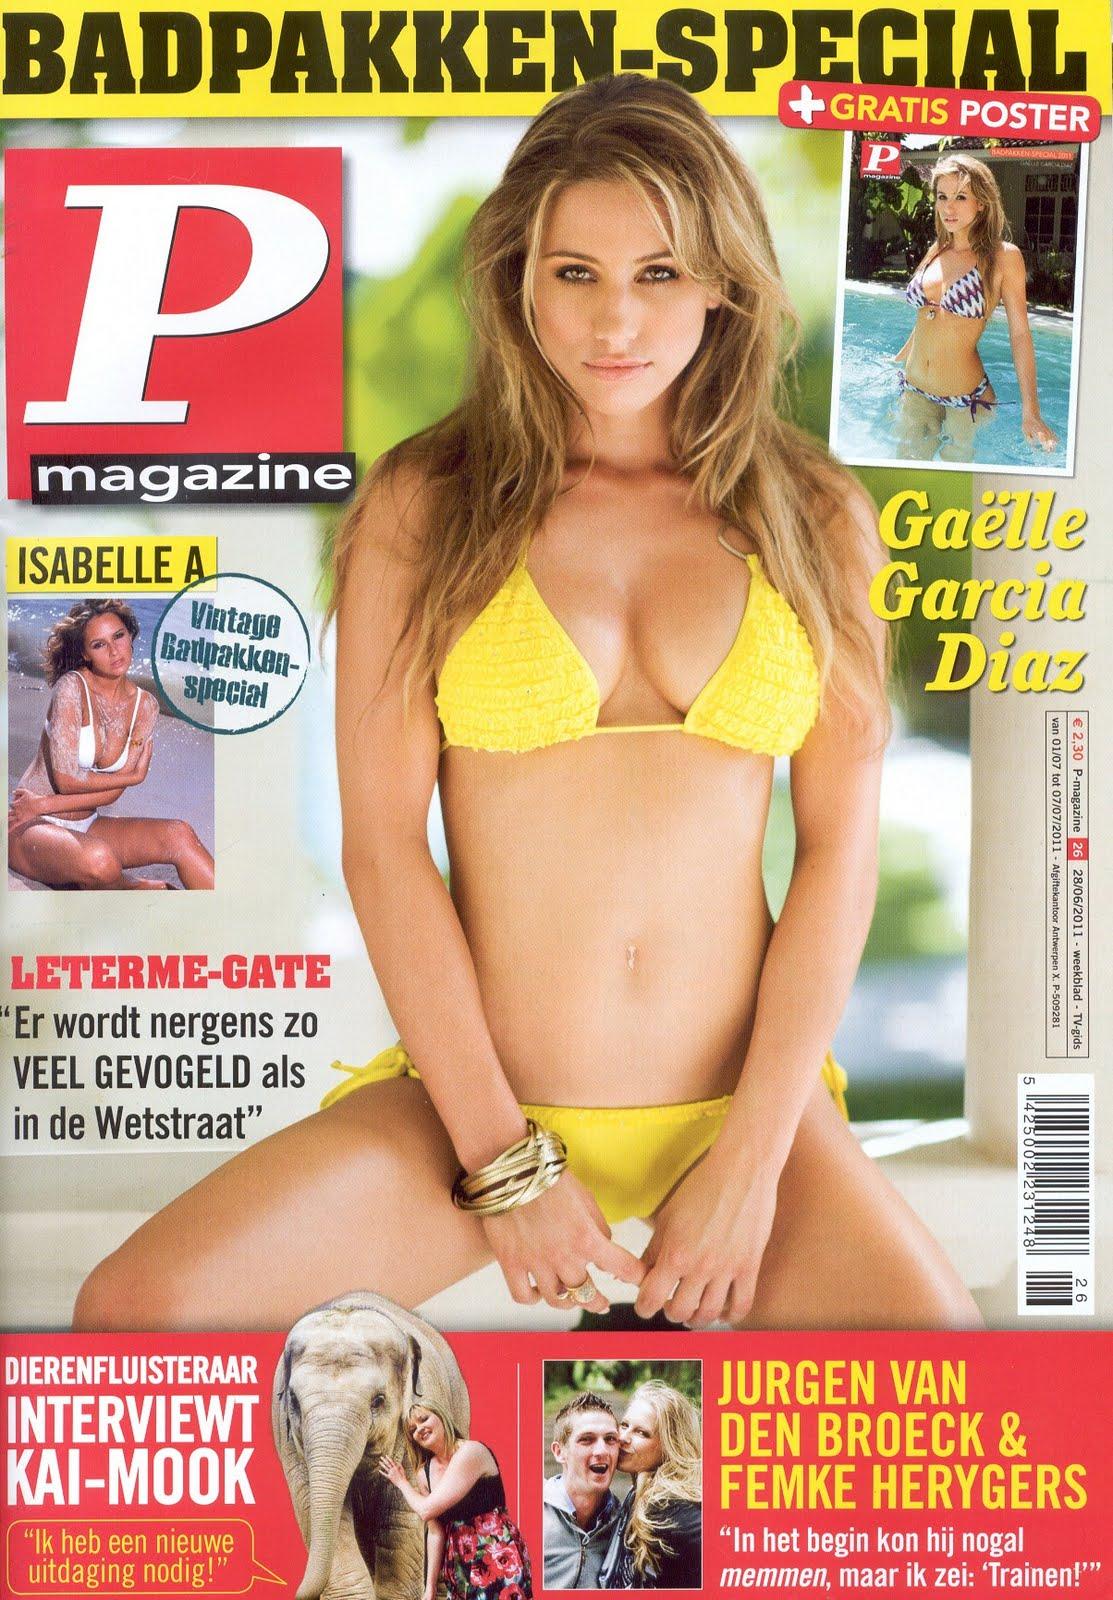 Current June Issue Of P Belgium Magazine Even More Sey Gaelle